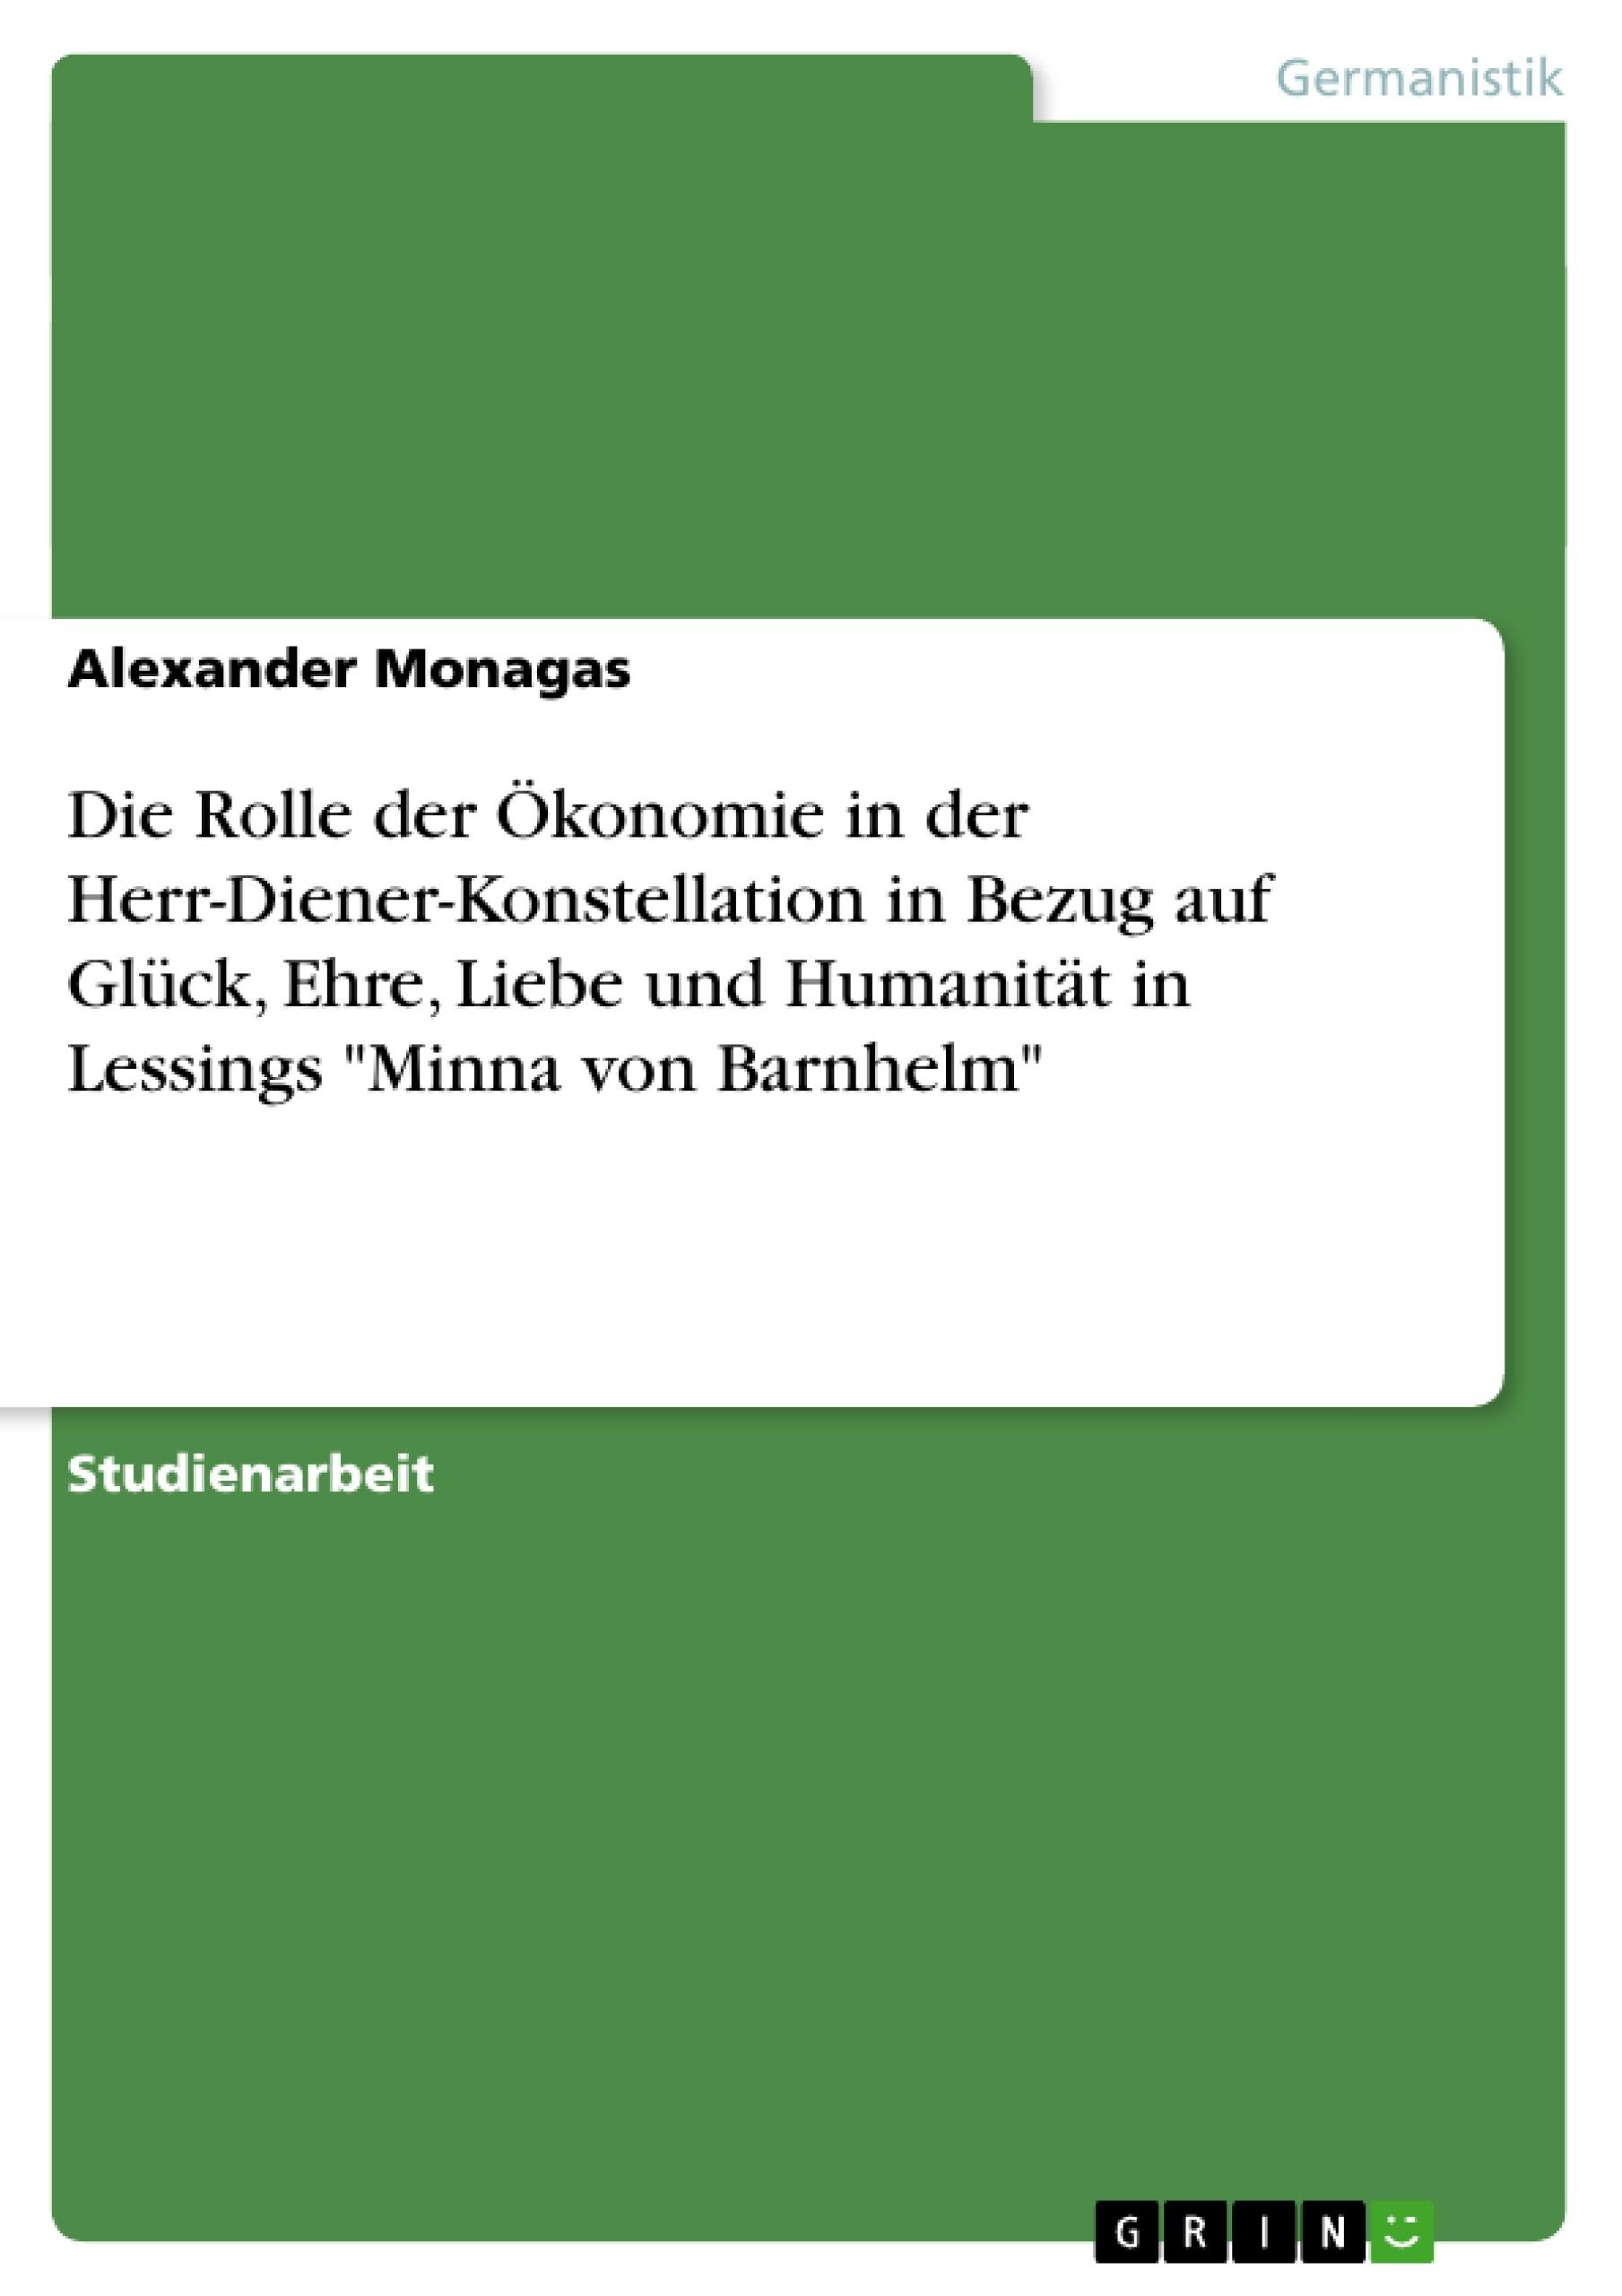 """Titel: Die Rolle der Ökonomie in der Herr-Diener-Konstellation in Bezug auf Glück, Ehre, Liebe und Humanität in Lessings """"Minna von Barnhelm"""""""